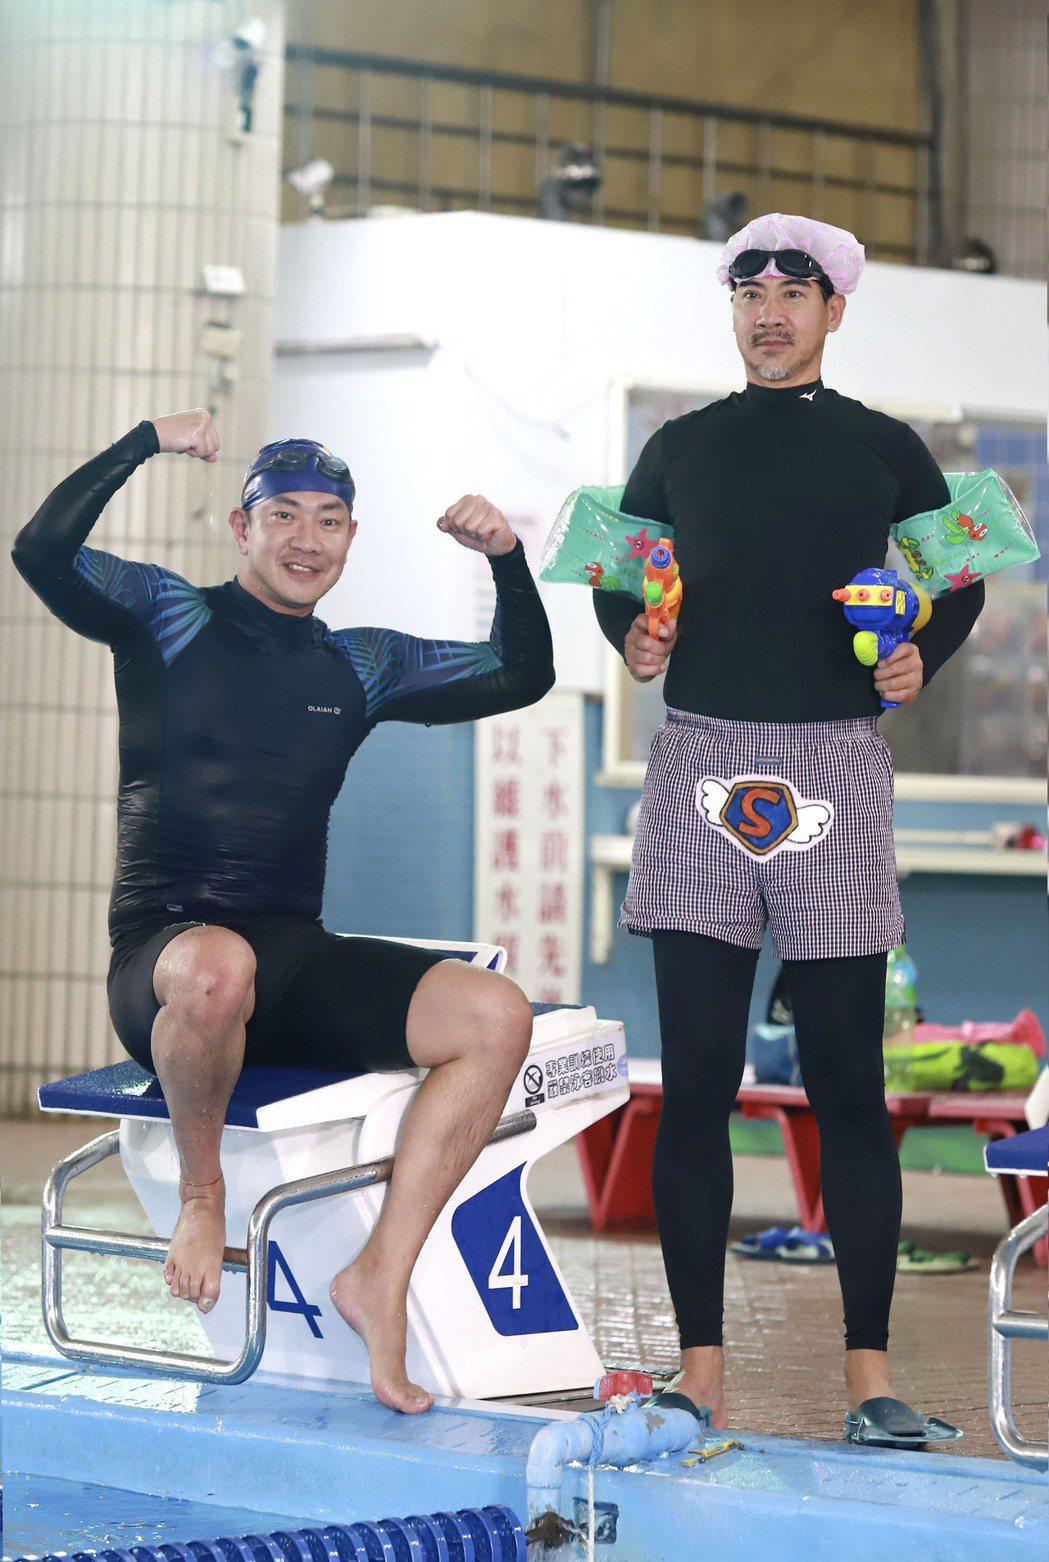 翁家明(右)、江俊翰在戲中飾演醫師雙雄,卻一個失憶、一個殘疾人士。圖/民視提供